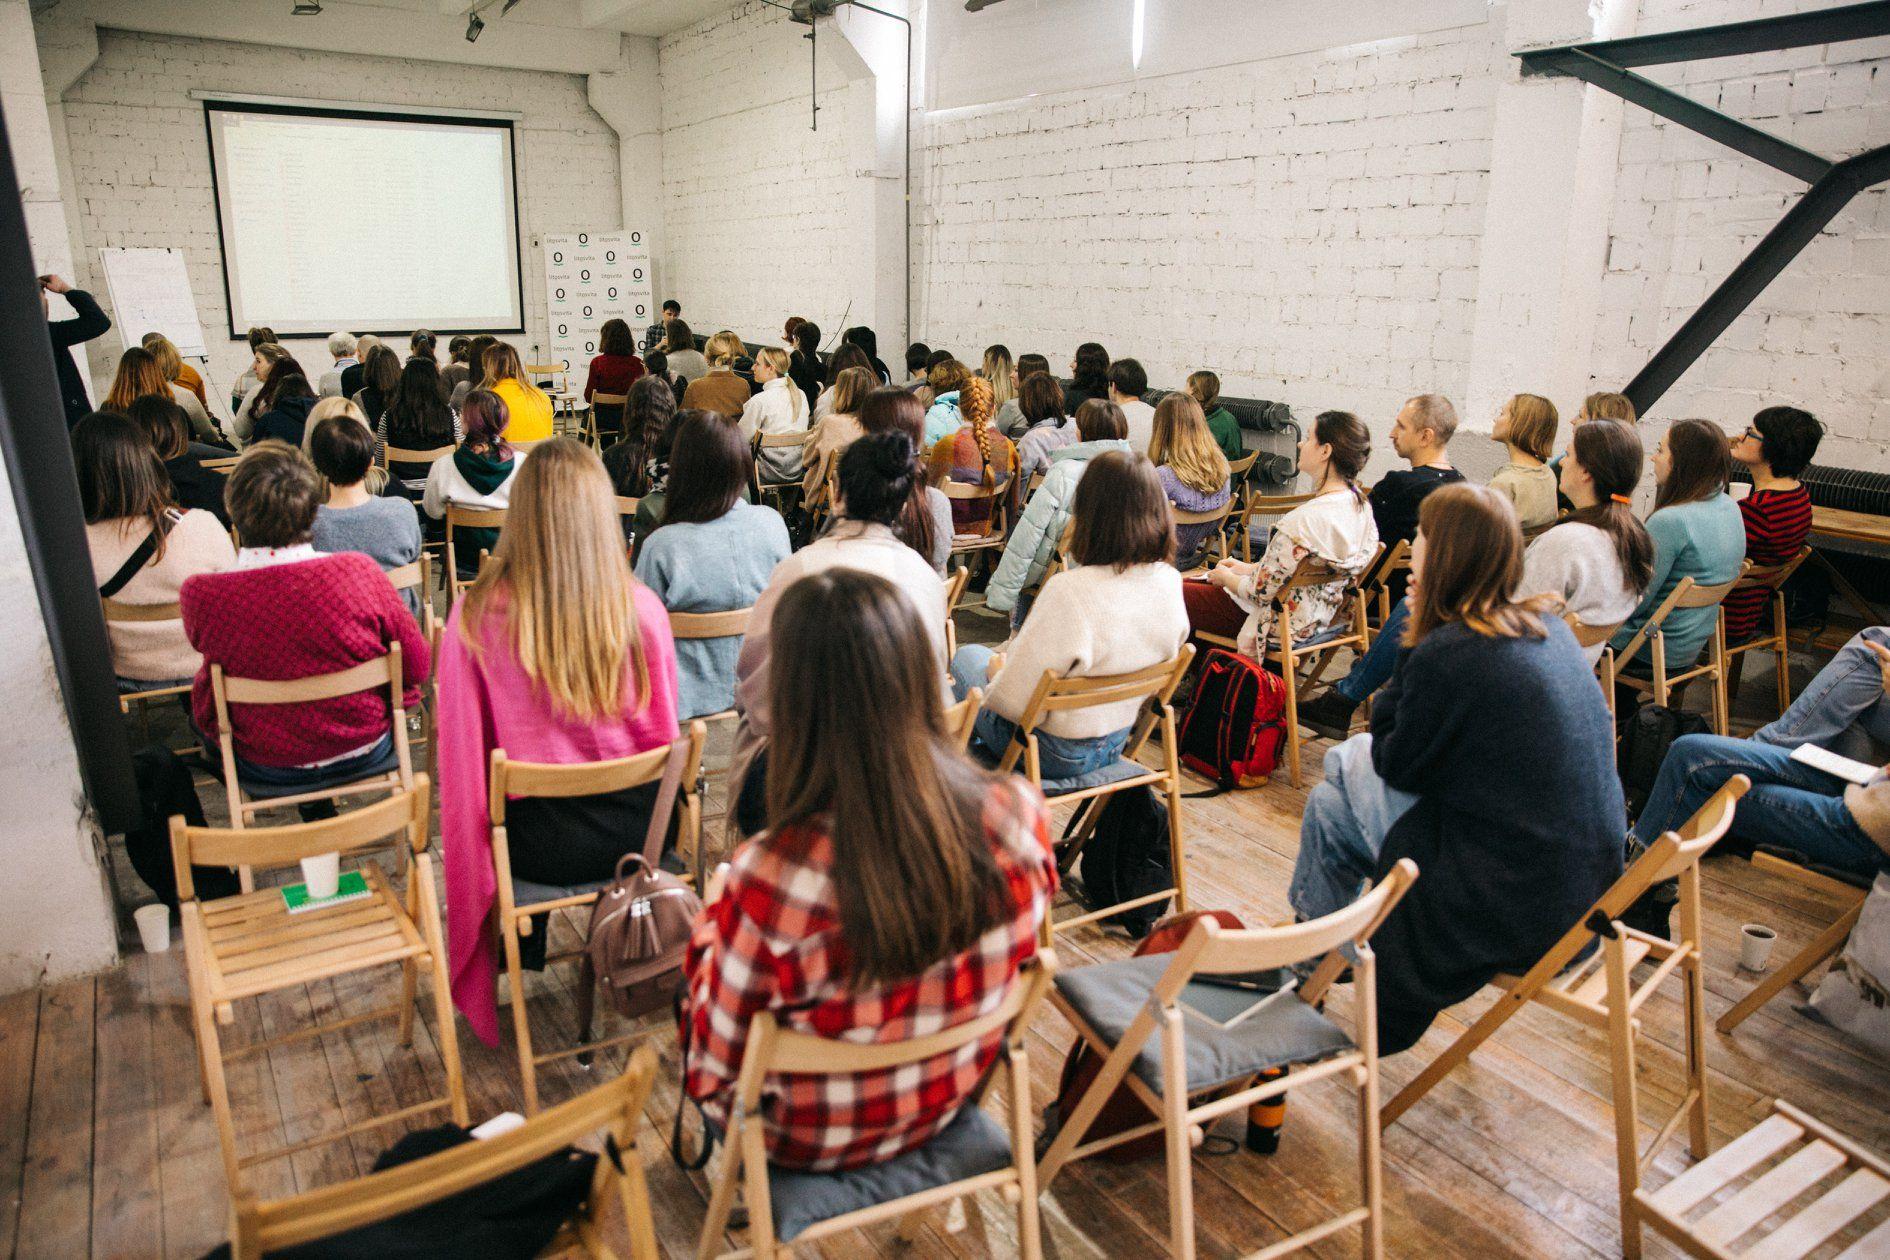 5 жовтня стартує річна програма із журналістики та соціальних медіа від Litosvita